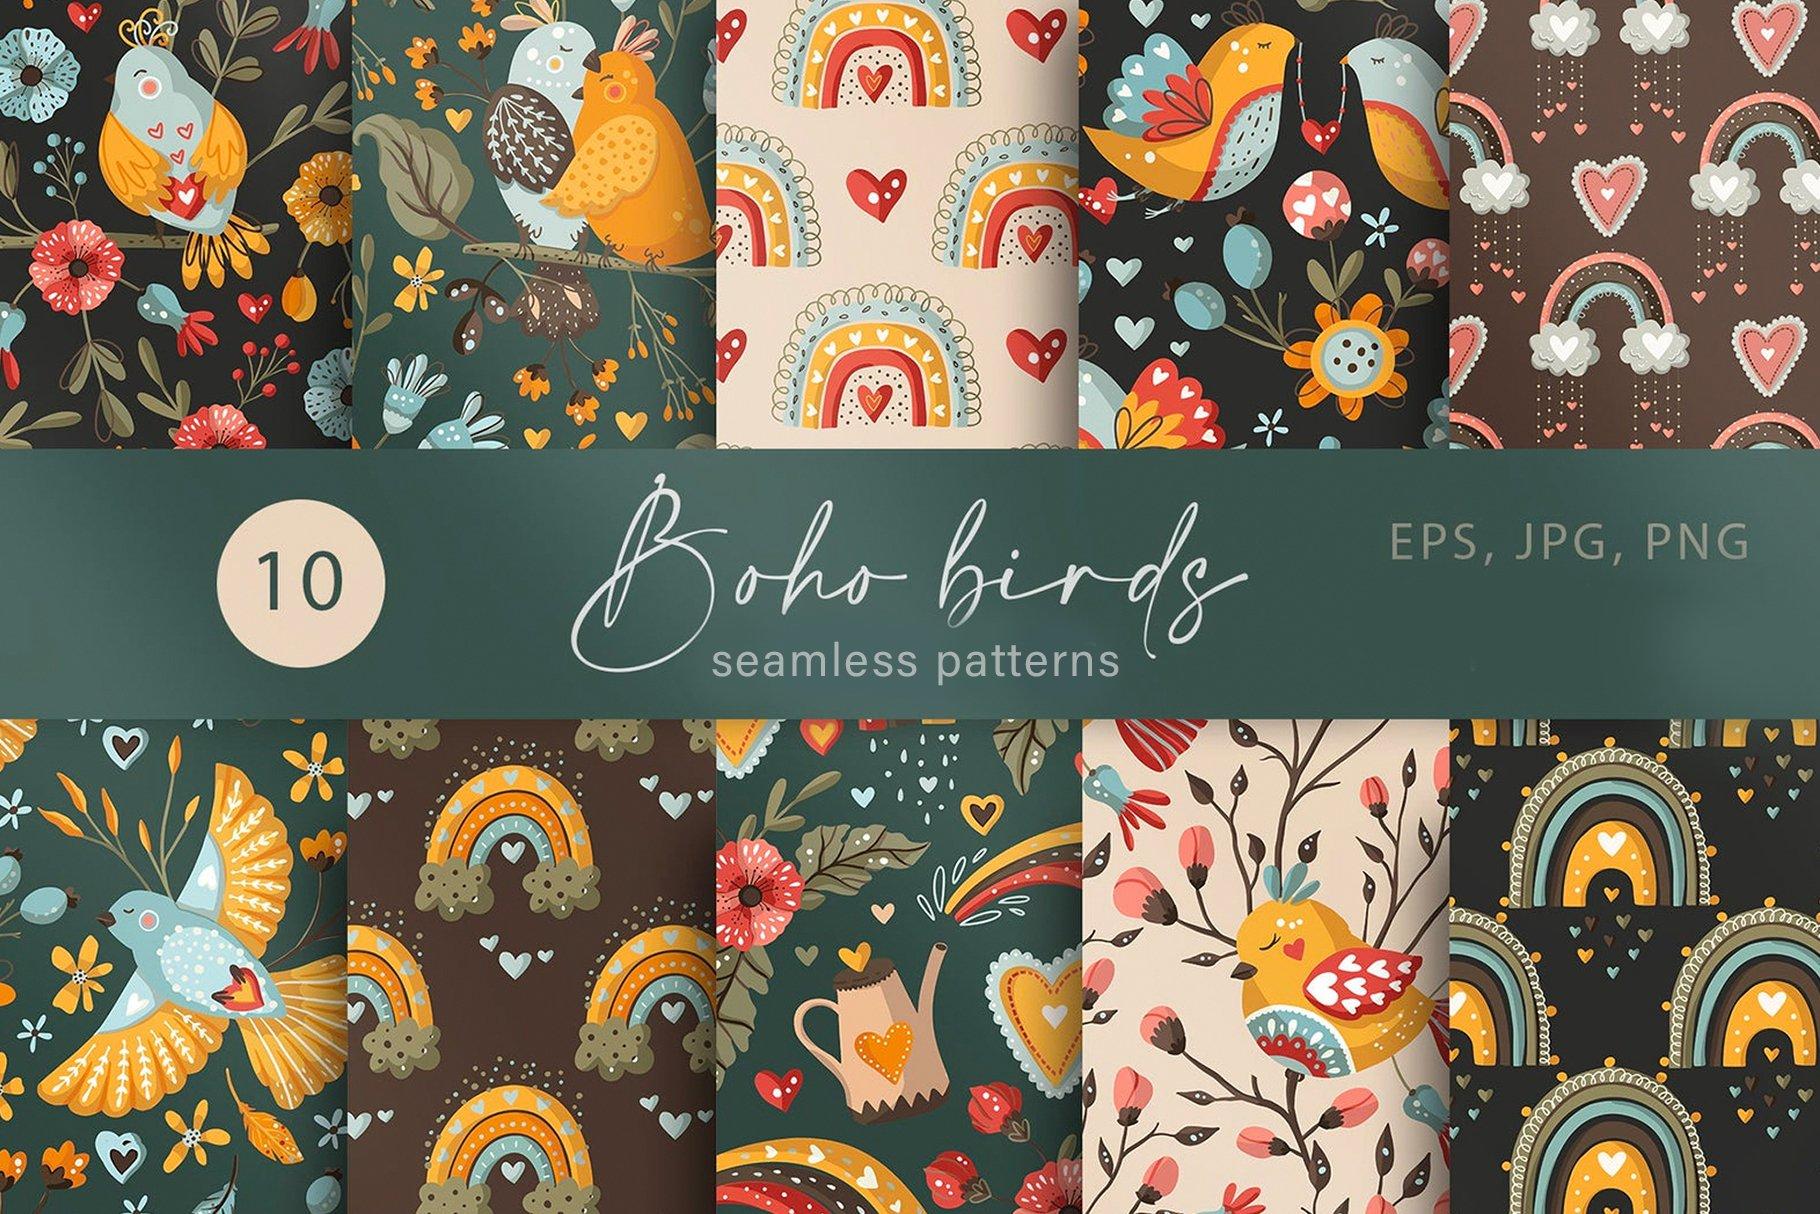 103款波西米亚风动物花卉月亮天体彩虹女孩手绘插画无缝隙图案矢量素材 Seamless Boho Pattern Bundle插图6